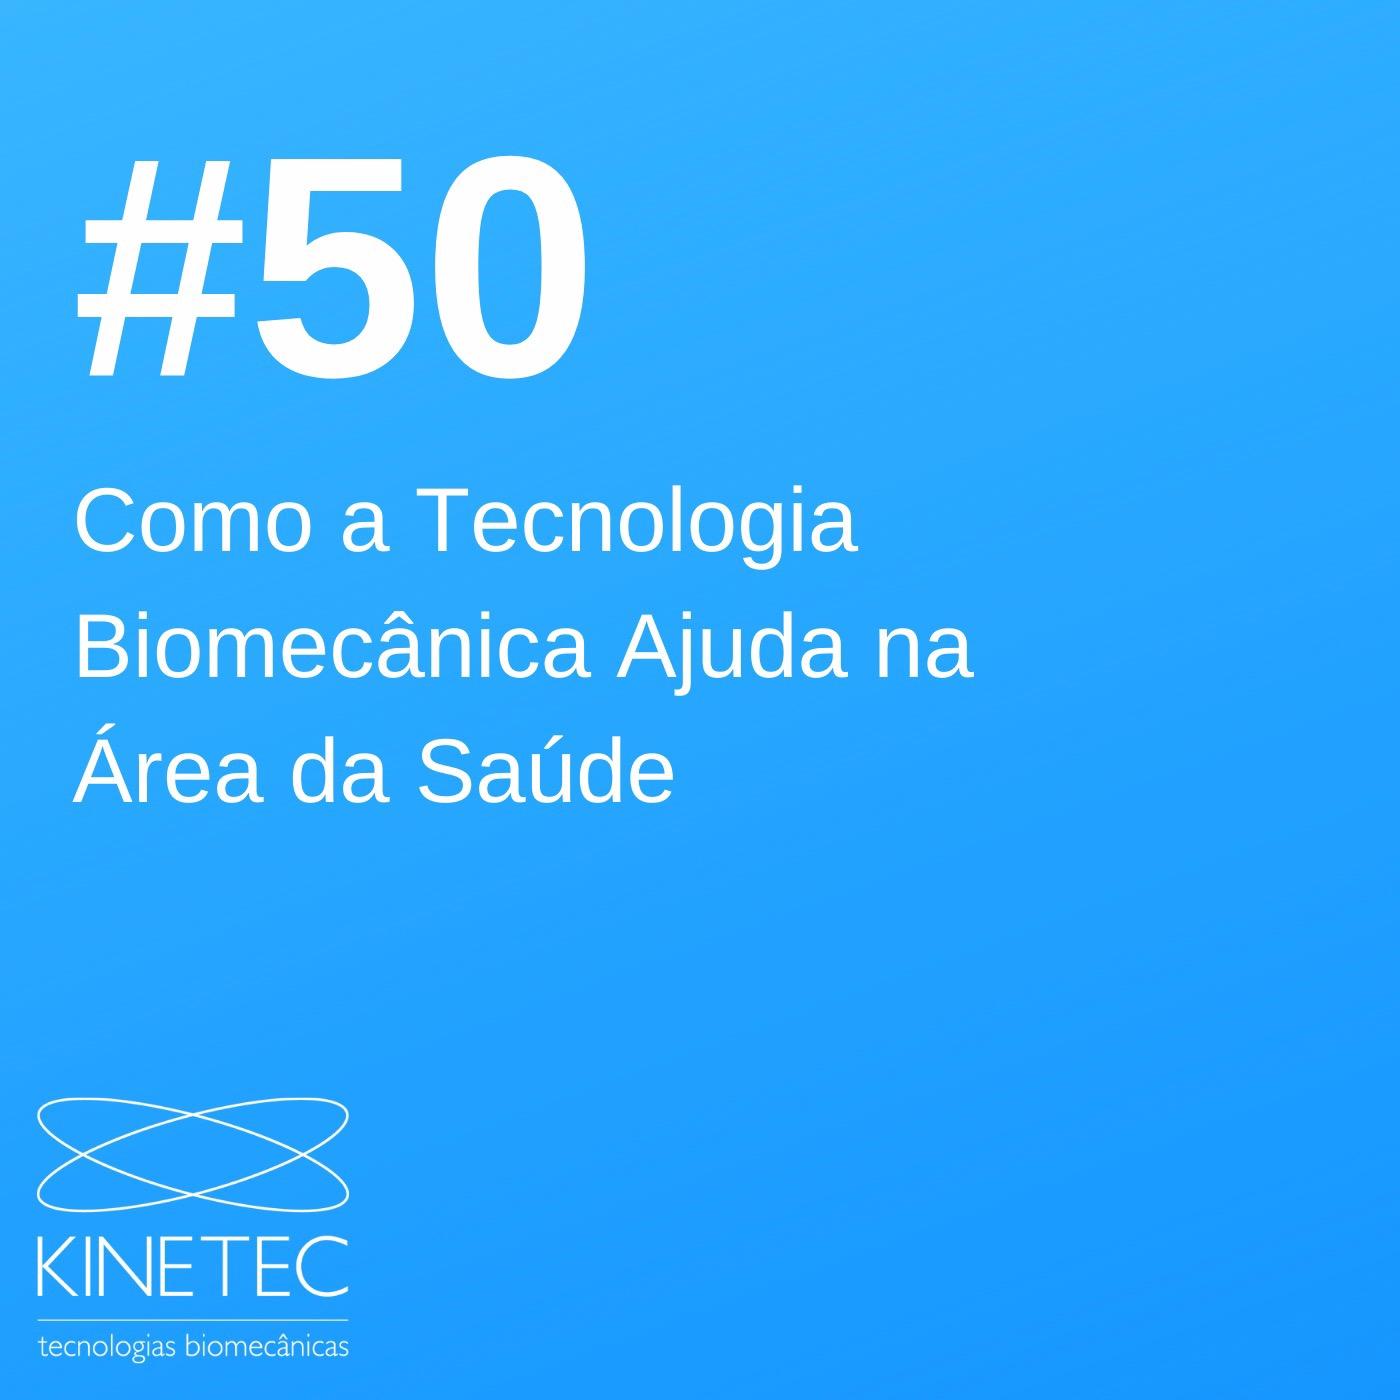 #50 Como a Tecnologia Biomecânica Ajuda na Gestão da Área da Saúde